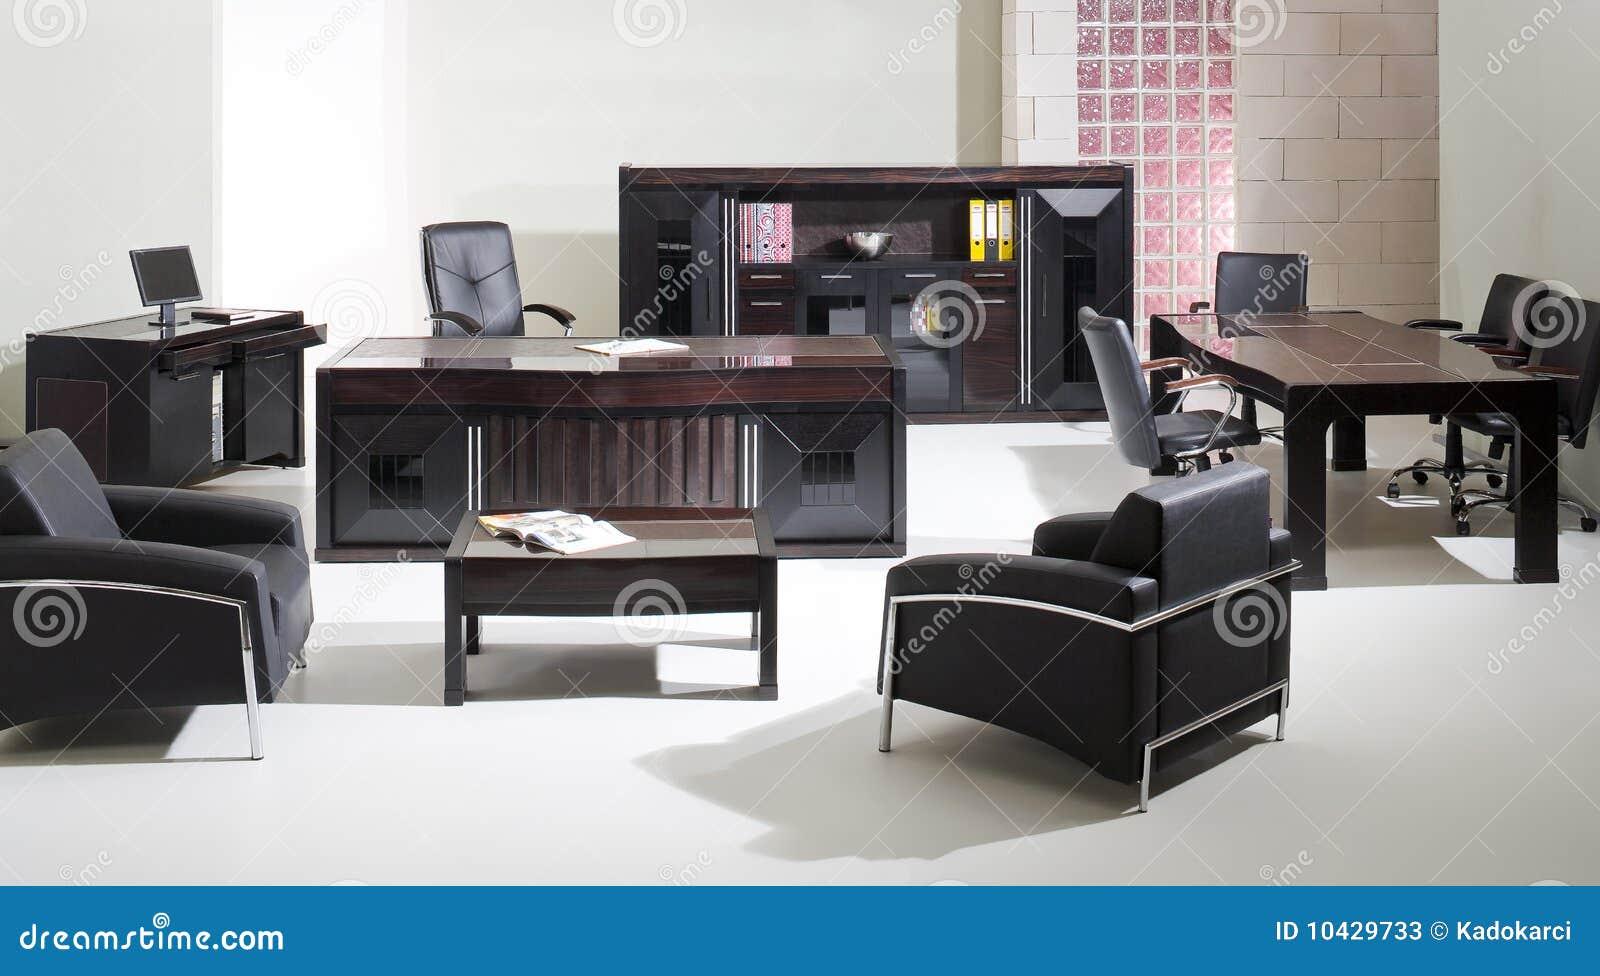 Muebles de oficinas fotos de archivo imagen 10429733 for Muebles oficina baratos